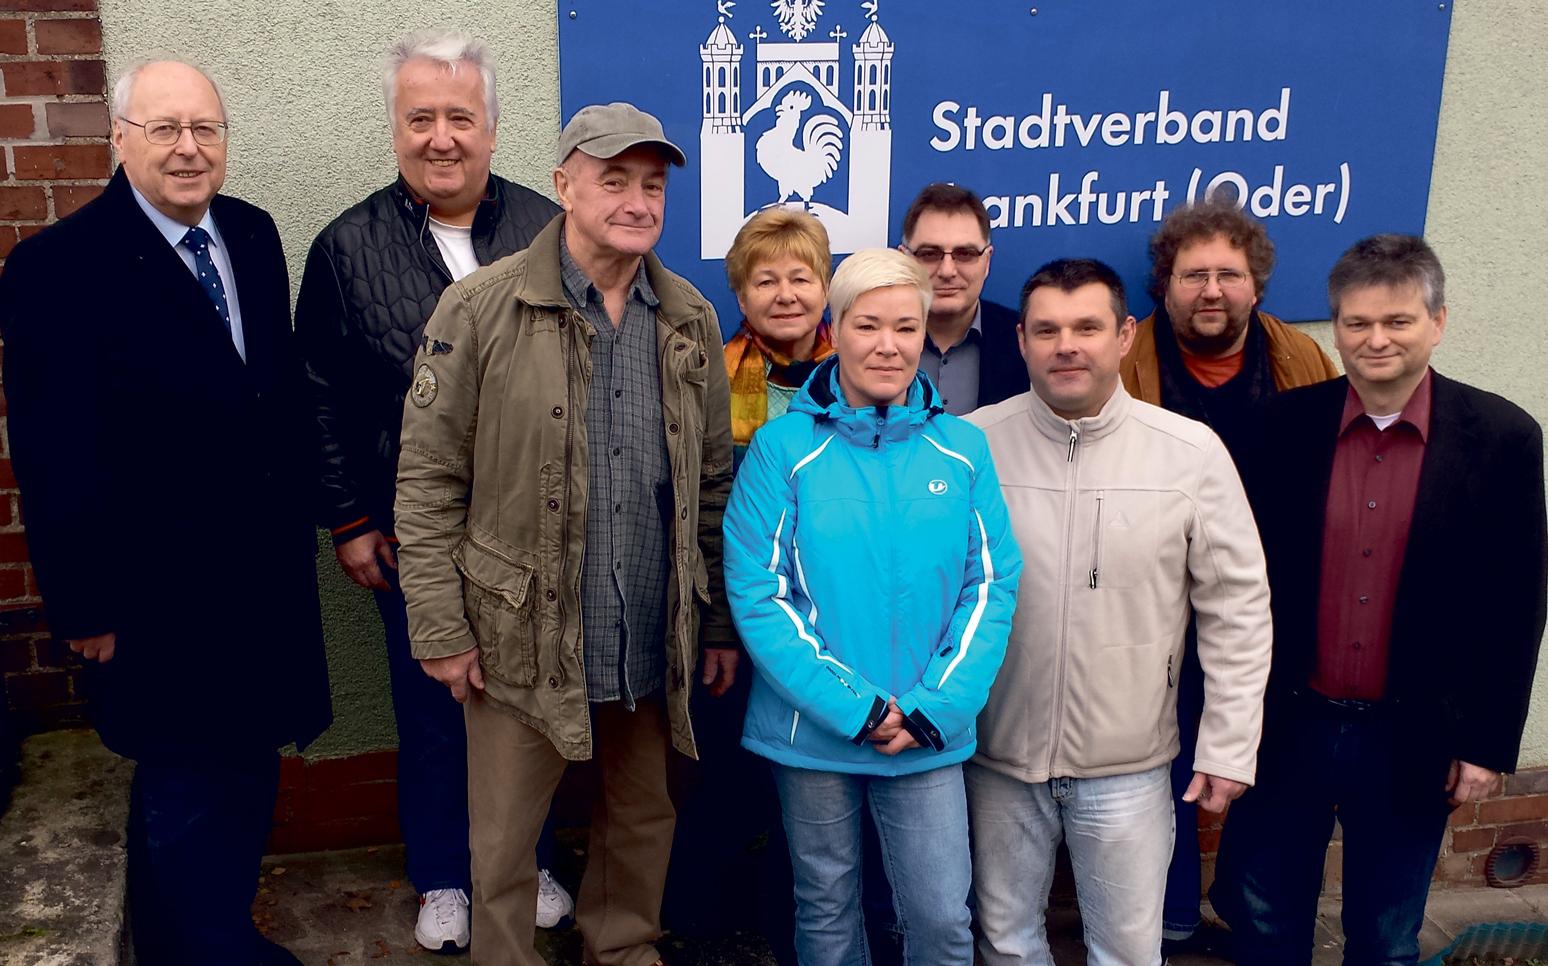 Vorstand des AfD-Stadtverbandes Frankfurt (Oder)